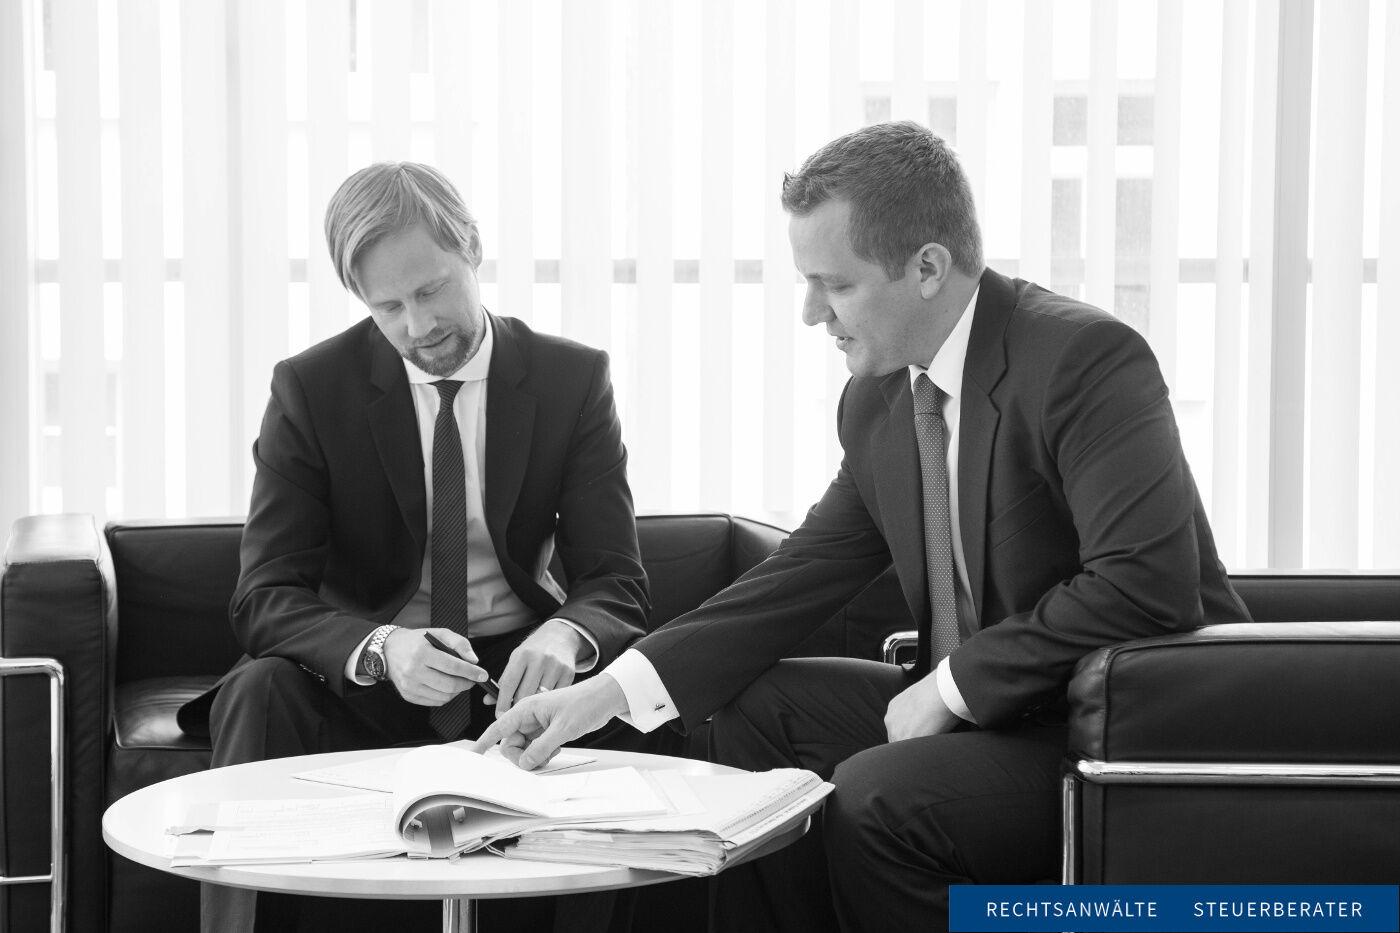 Rechtsanwalt (m/w/d) in Voll- oder Teilzeit - Job Freiburg - SNP Karriere - Bewerbungsformular